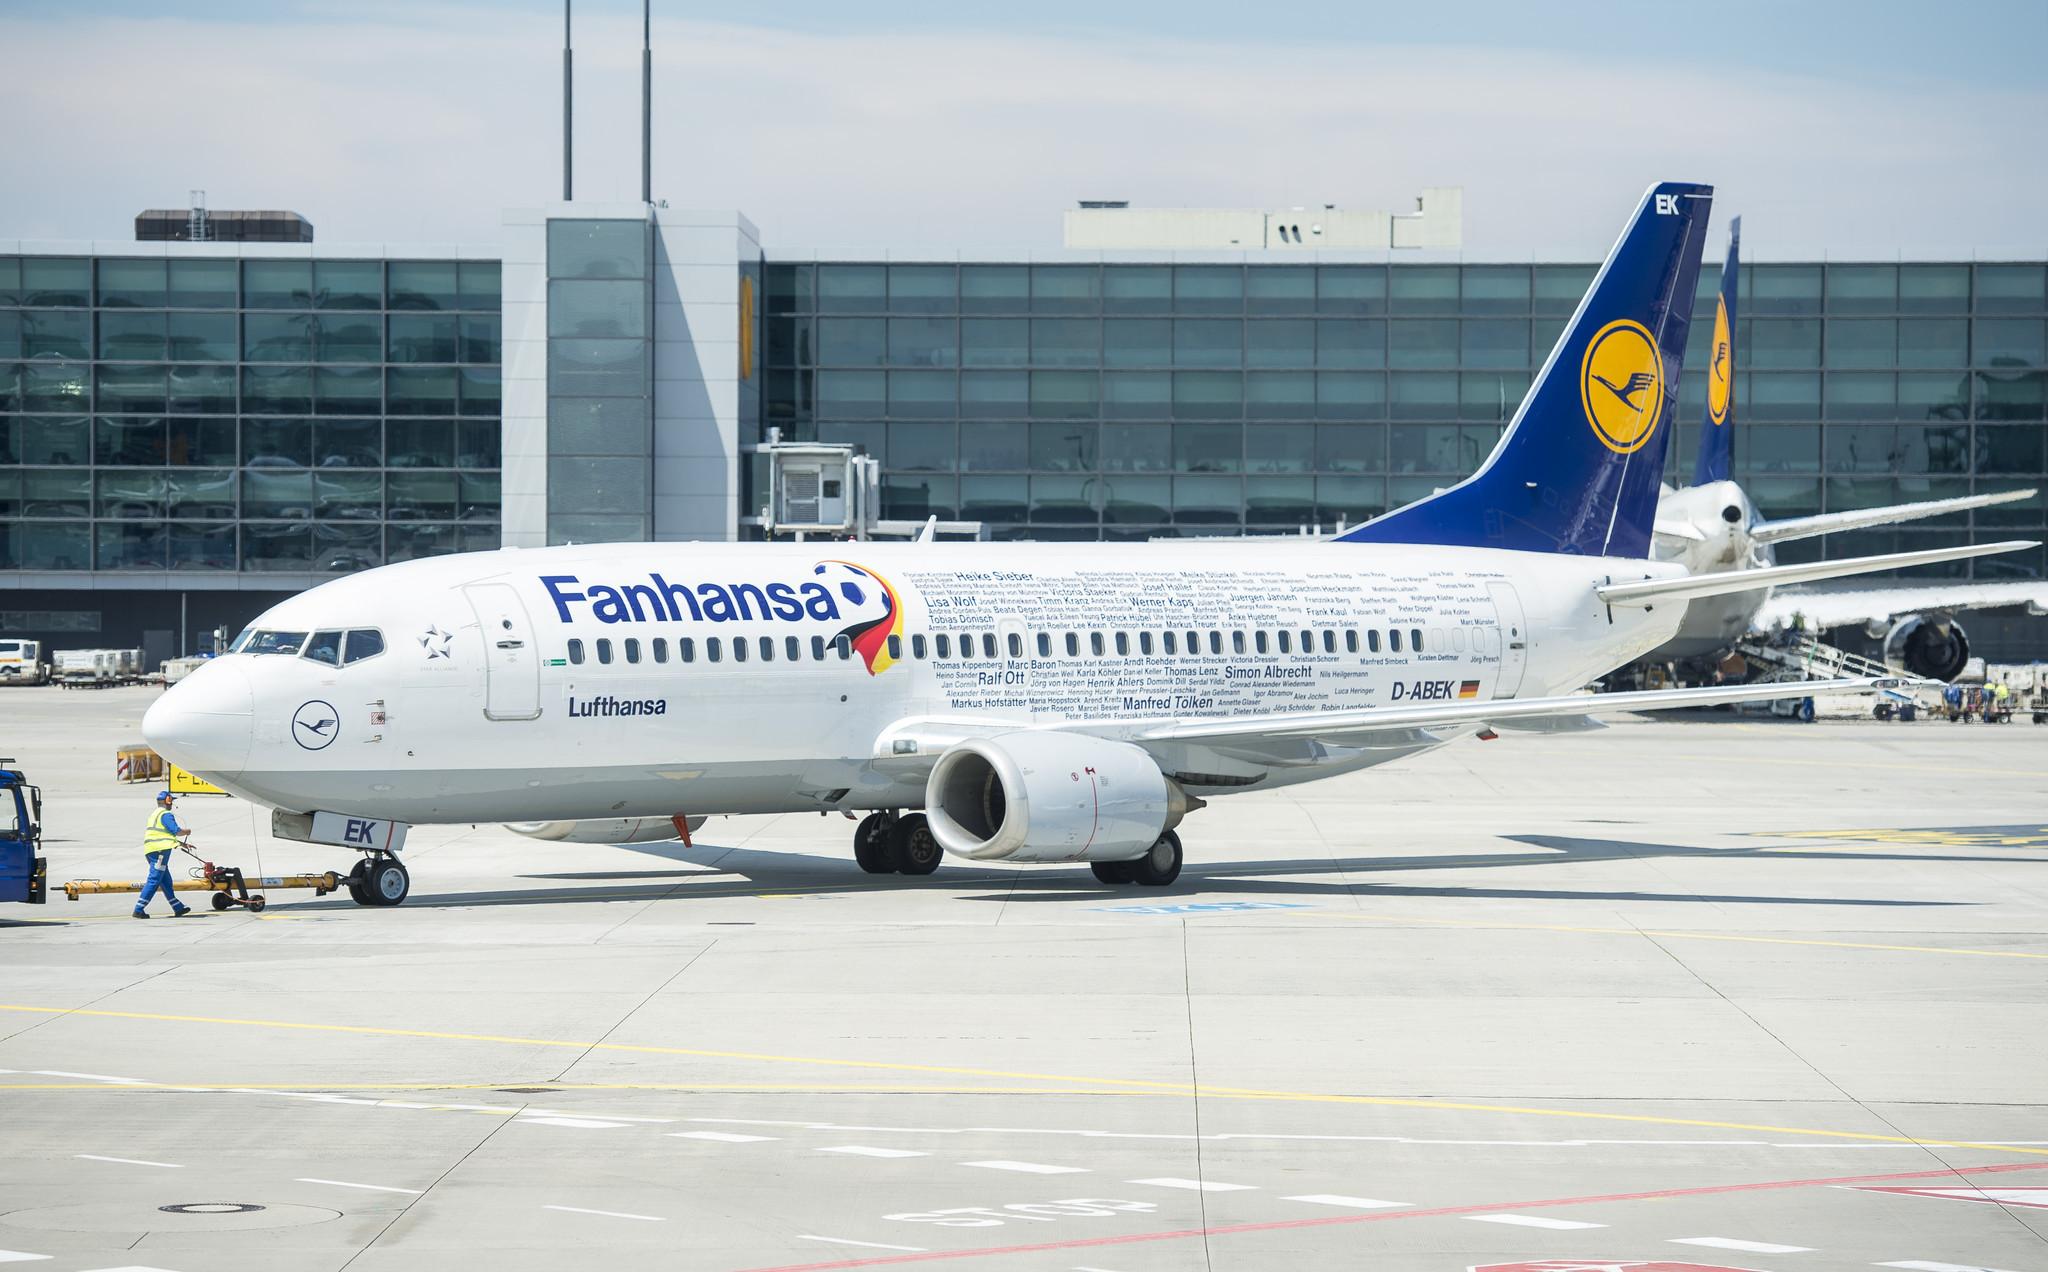 Traveler Told To Wait 8 Months For Lufthansa Refund